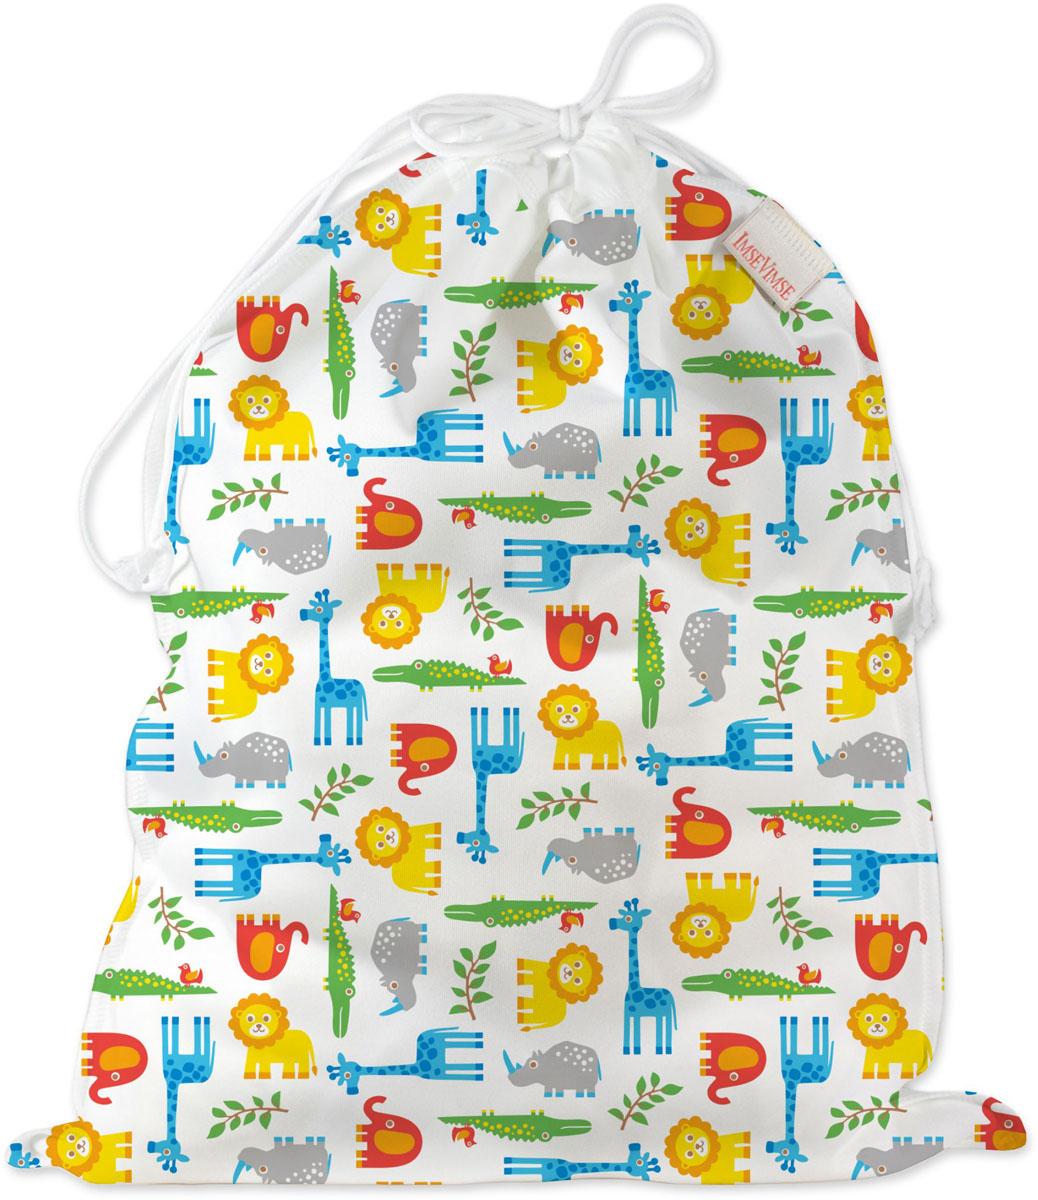 ImseVimse Водонепроницаемая сумка со шнуром Zoo - Все для детского кормления